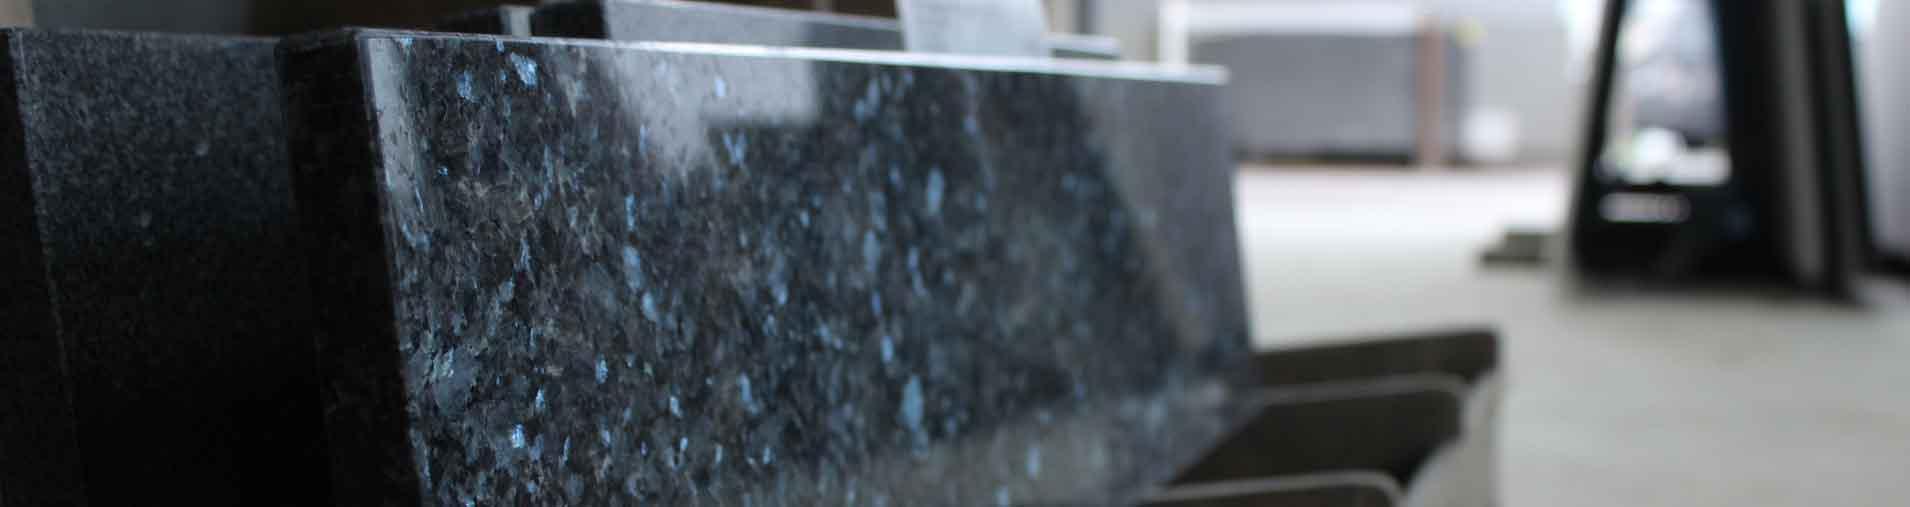 Naturstein aus Wesseling bei Köln - MAAS GmbH Natursteinmanufaktur